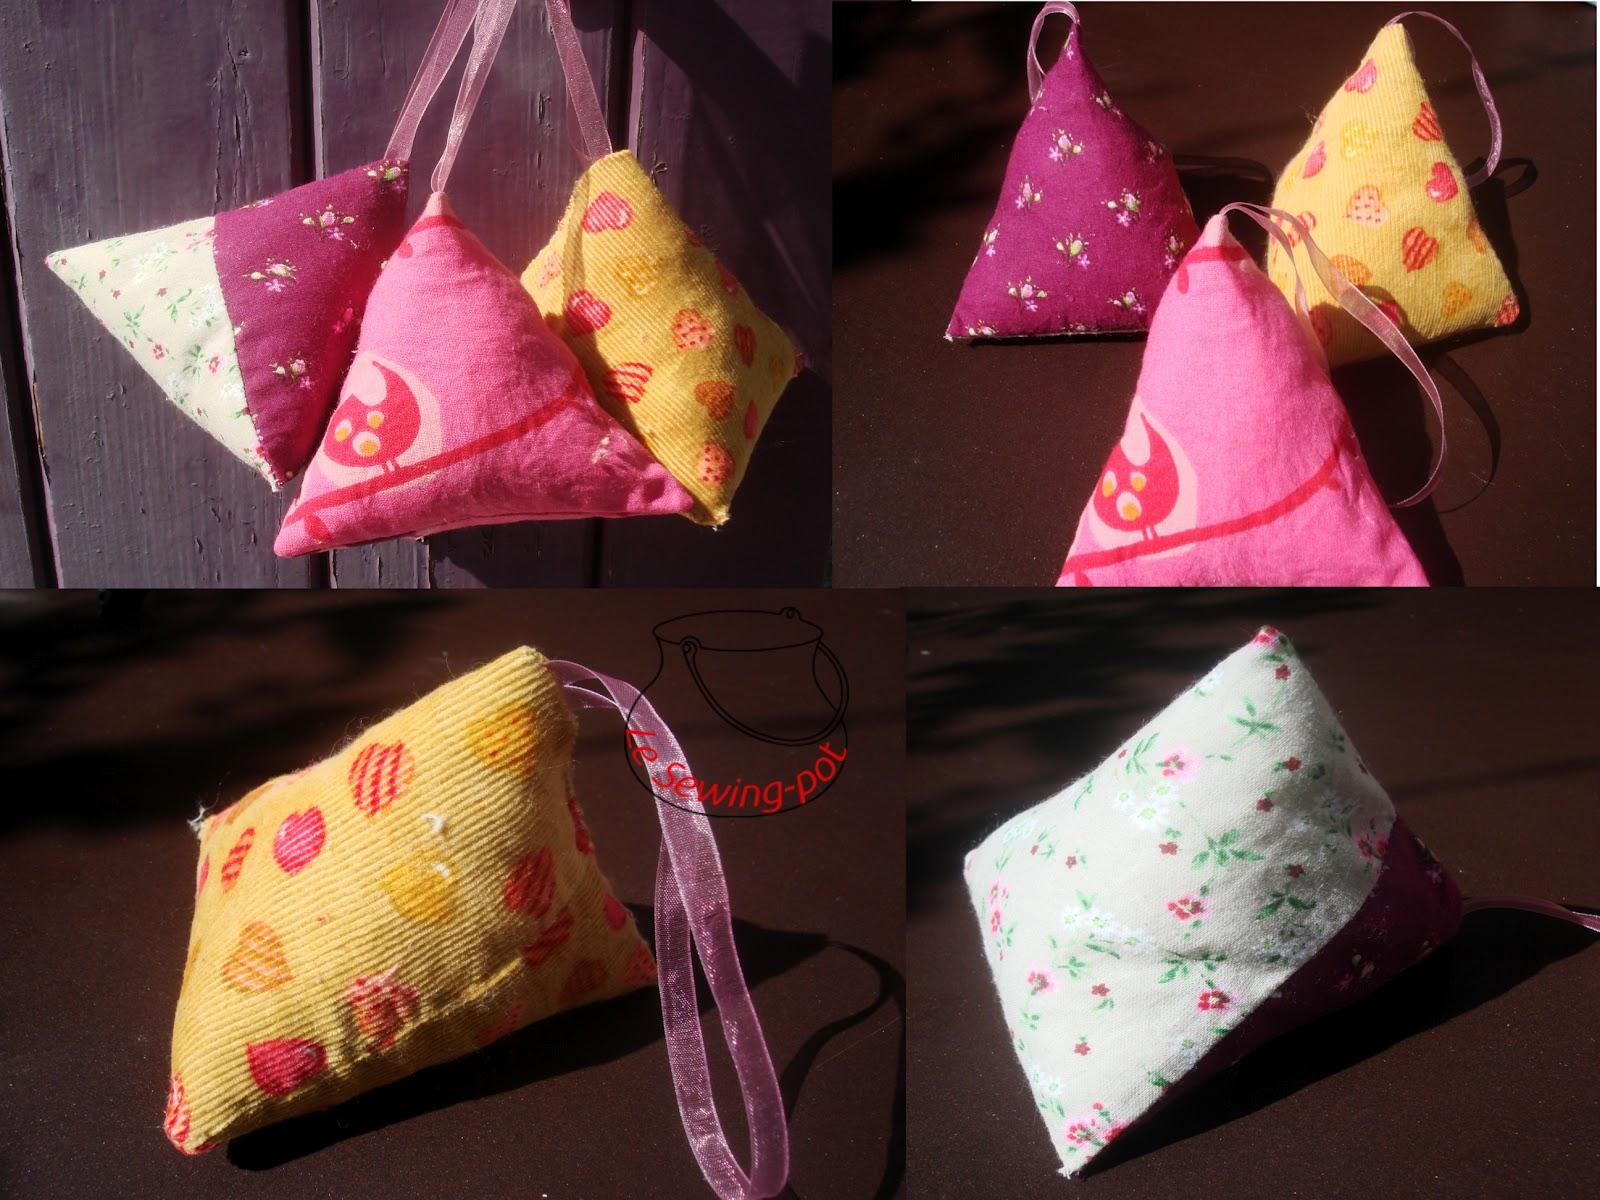 le sewing pot sachets de lavande s ch e n 2 dried lavender sachets 2. Black Bedroom Furniture Sets. Home Design Ideas